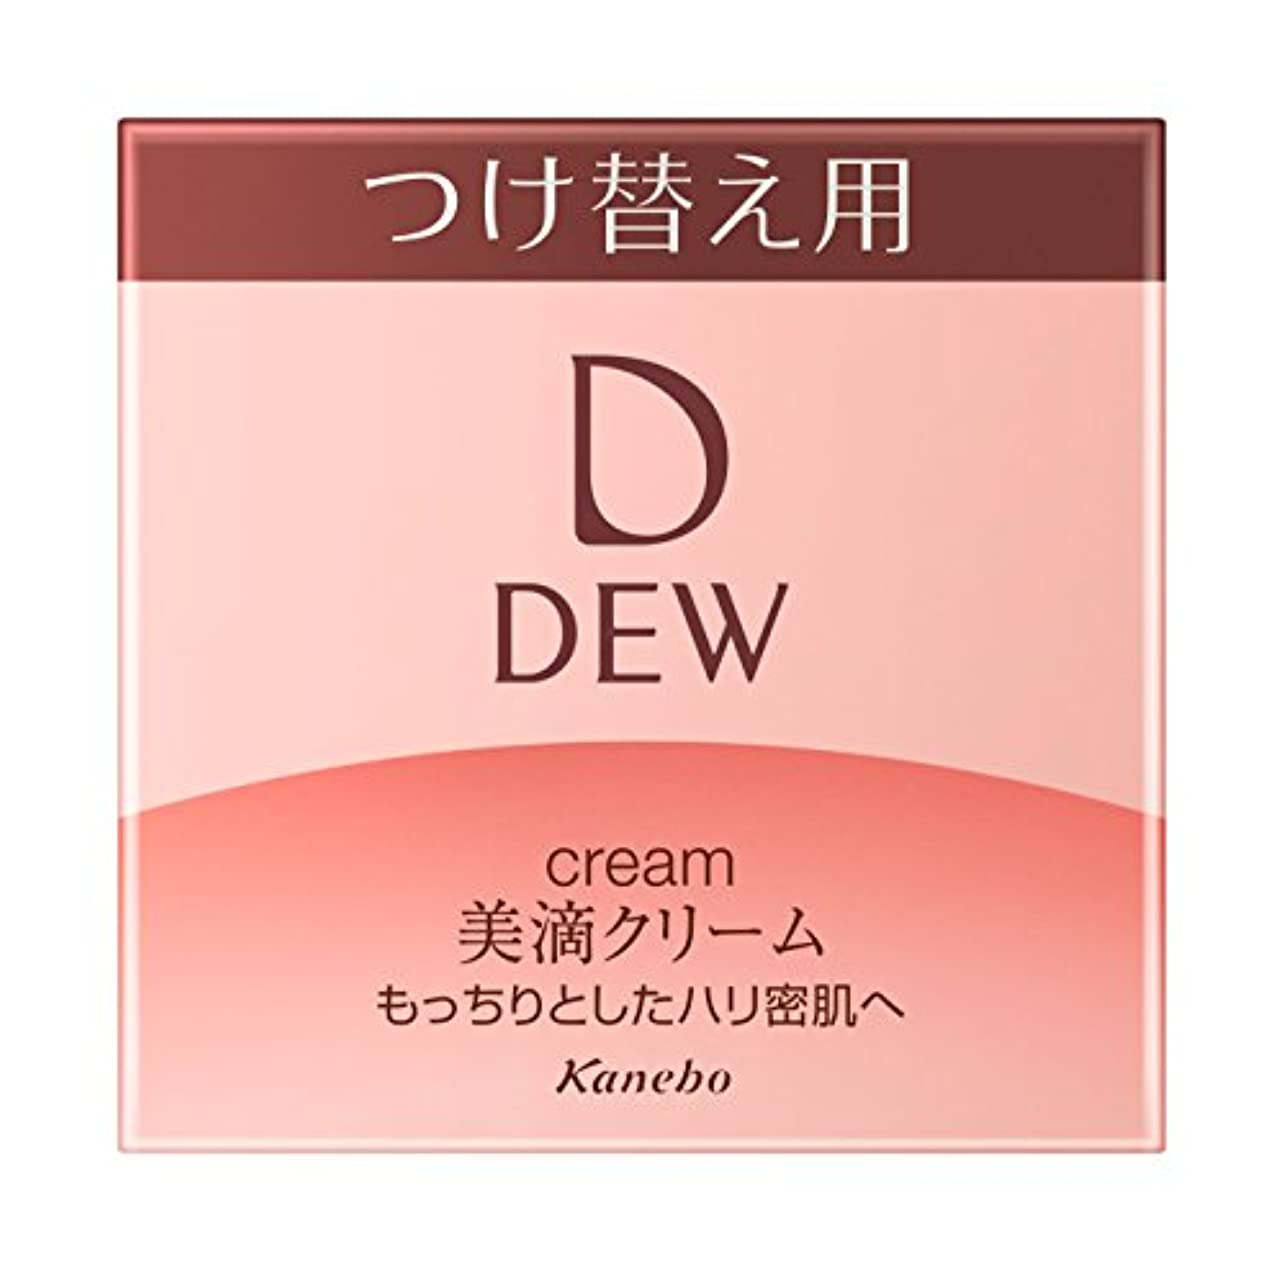 試す注目すべき許可DEW クリーム レフィル 30g 保湿クリーム